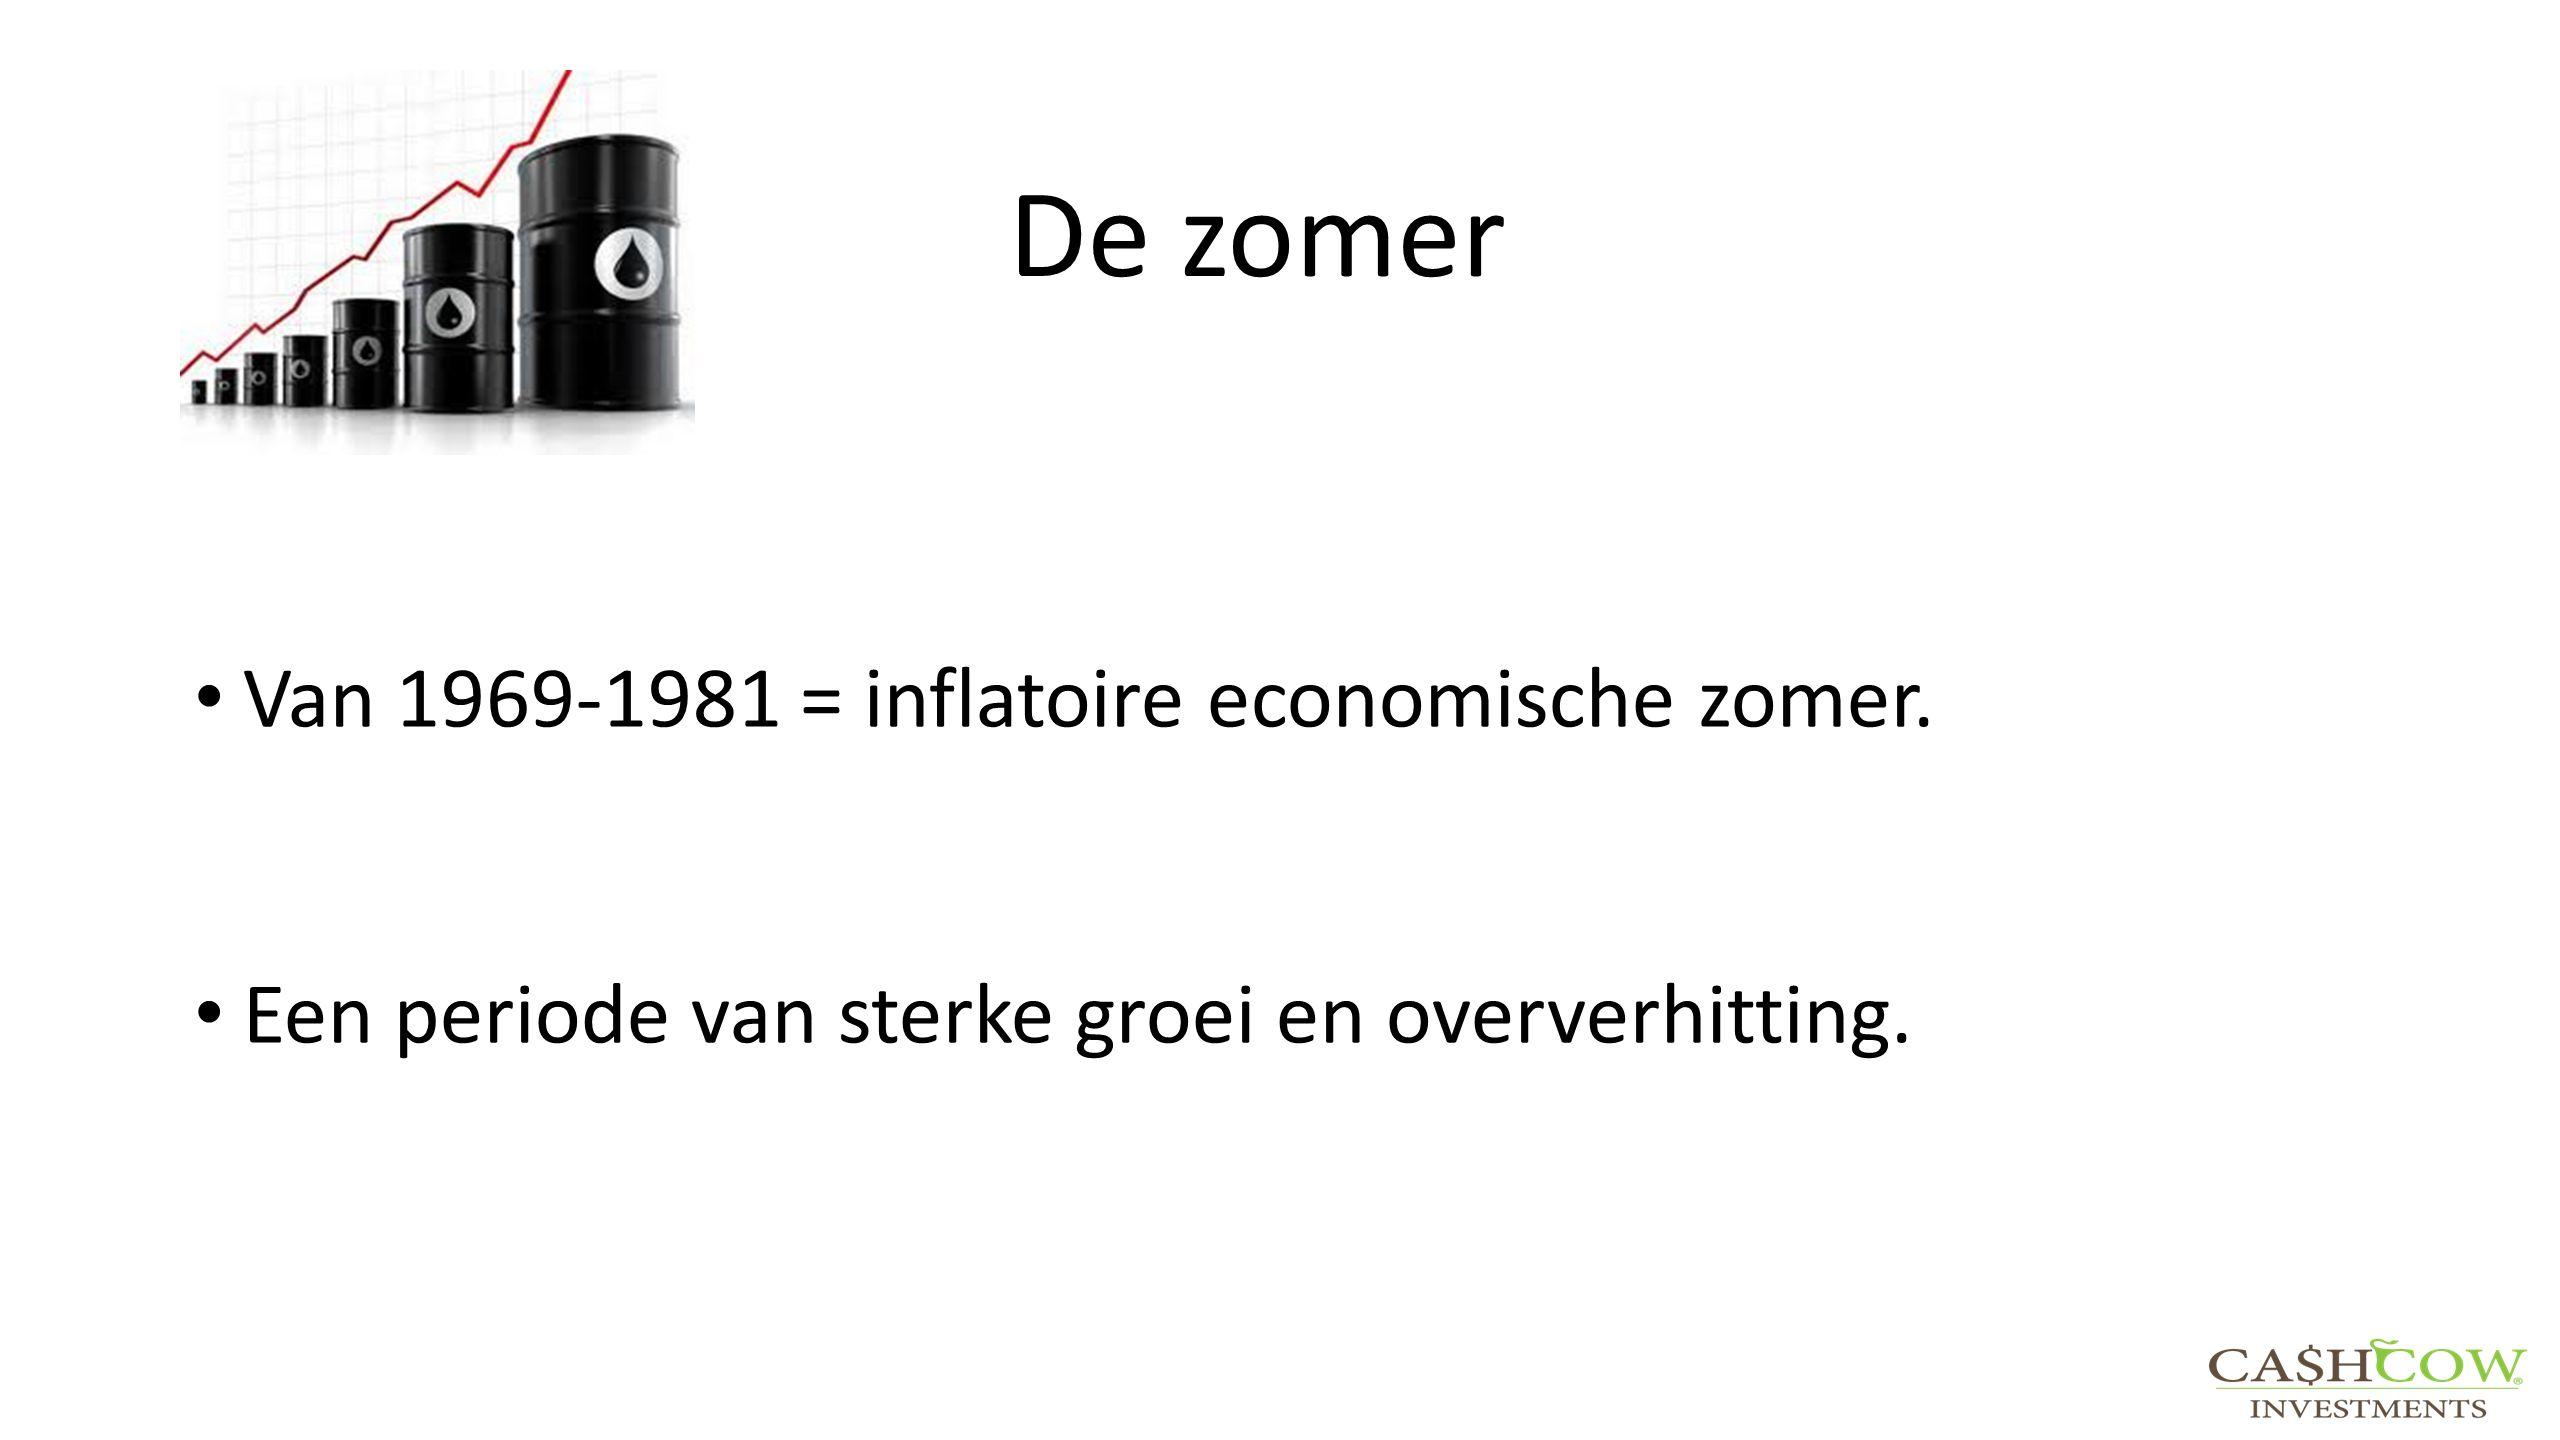 De zomer Van 1969-1981 = inflatoire economische zomer. Een periode van sterke groei en oververhitting.